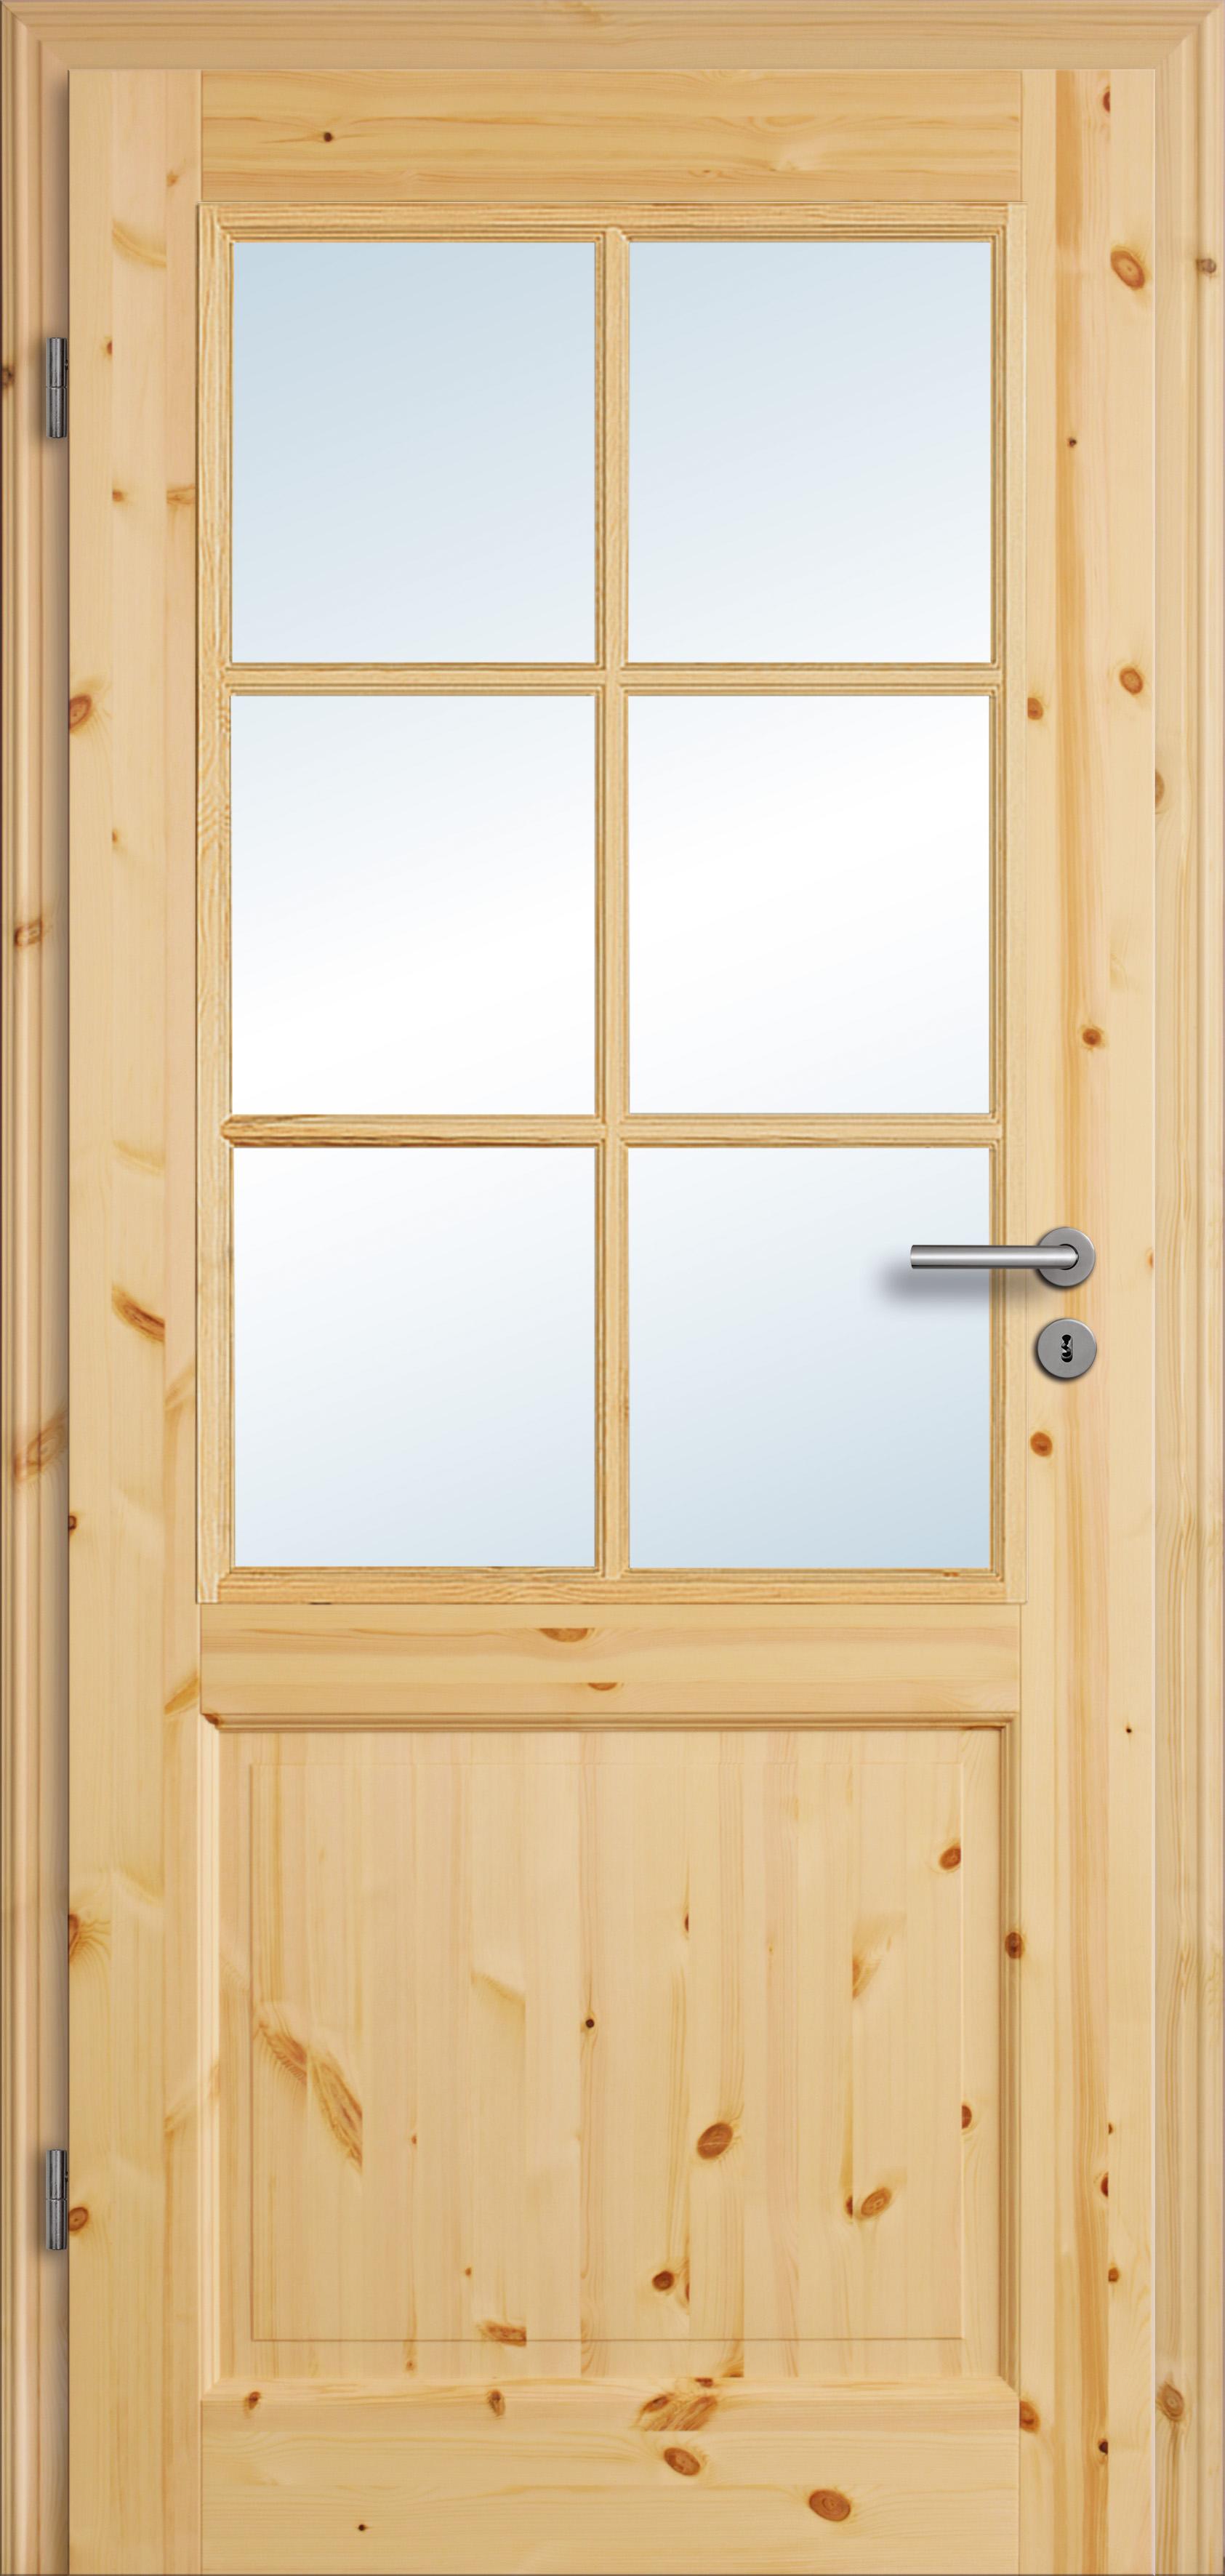 Unterschiedlich Zimmertür History 2G Kiefer Sprossen | Woodi24 IY45